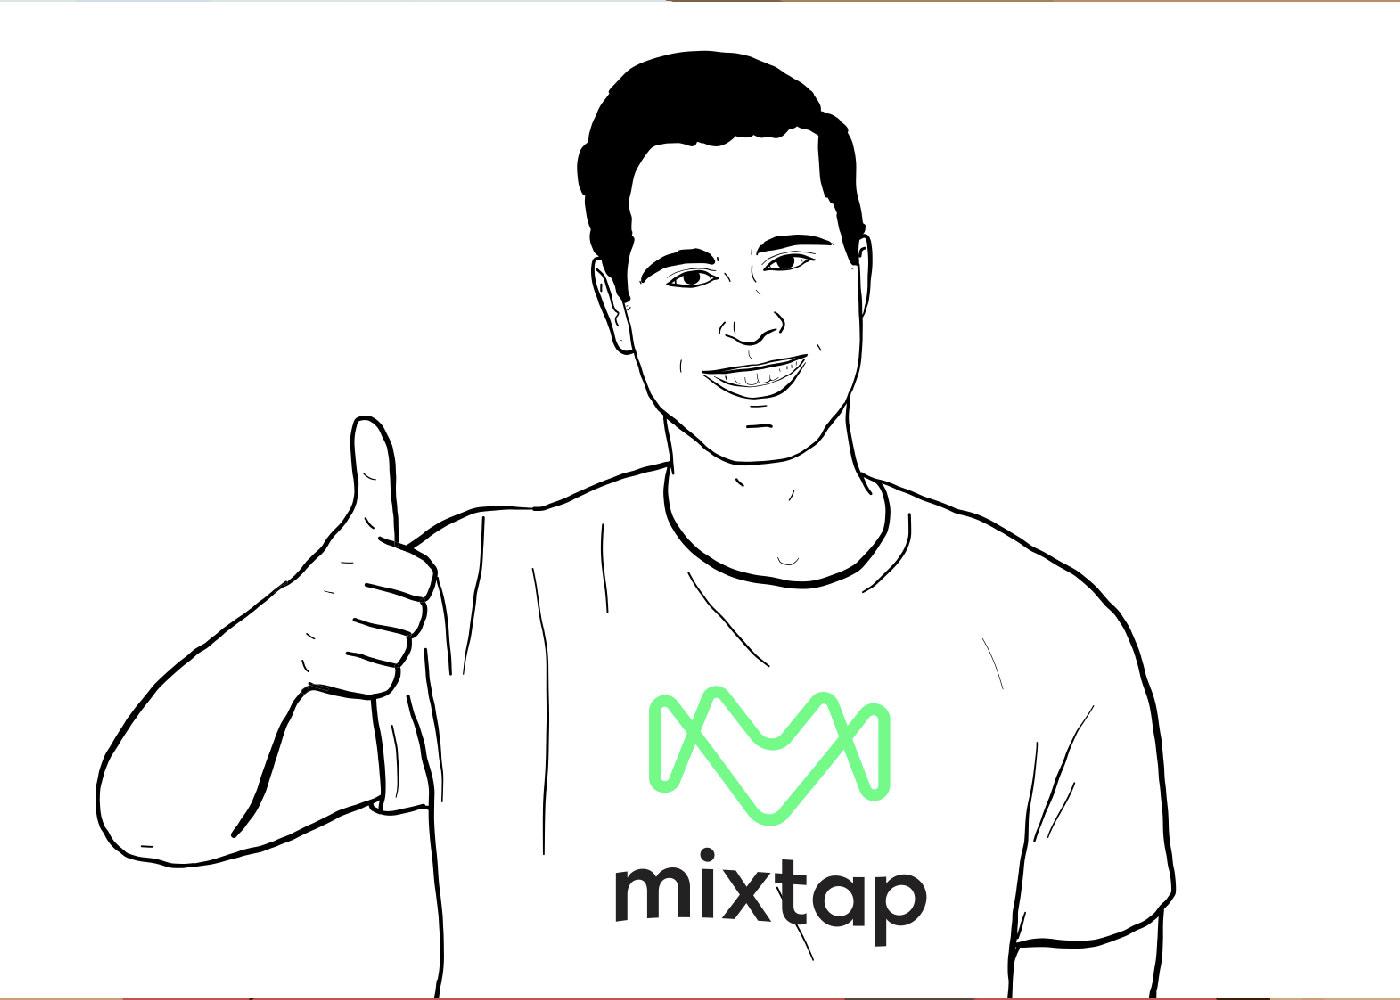 Mixtap